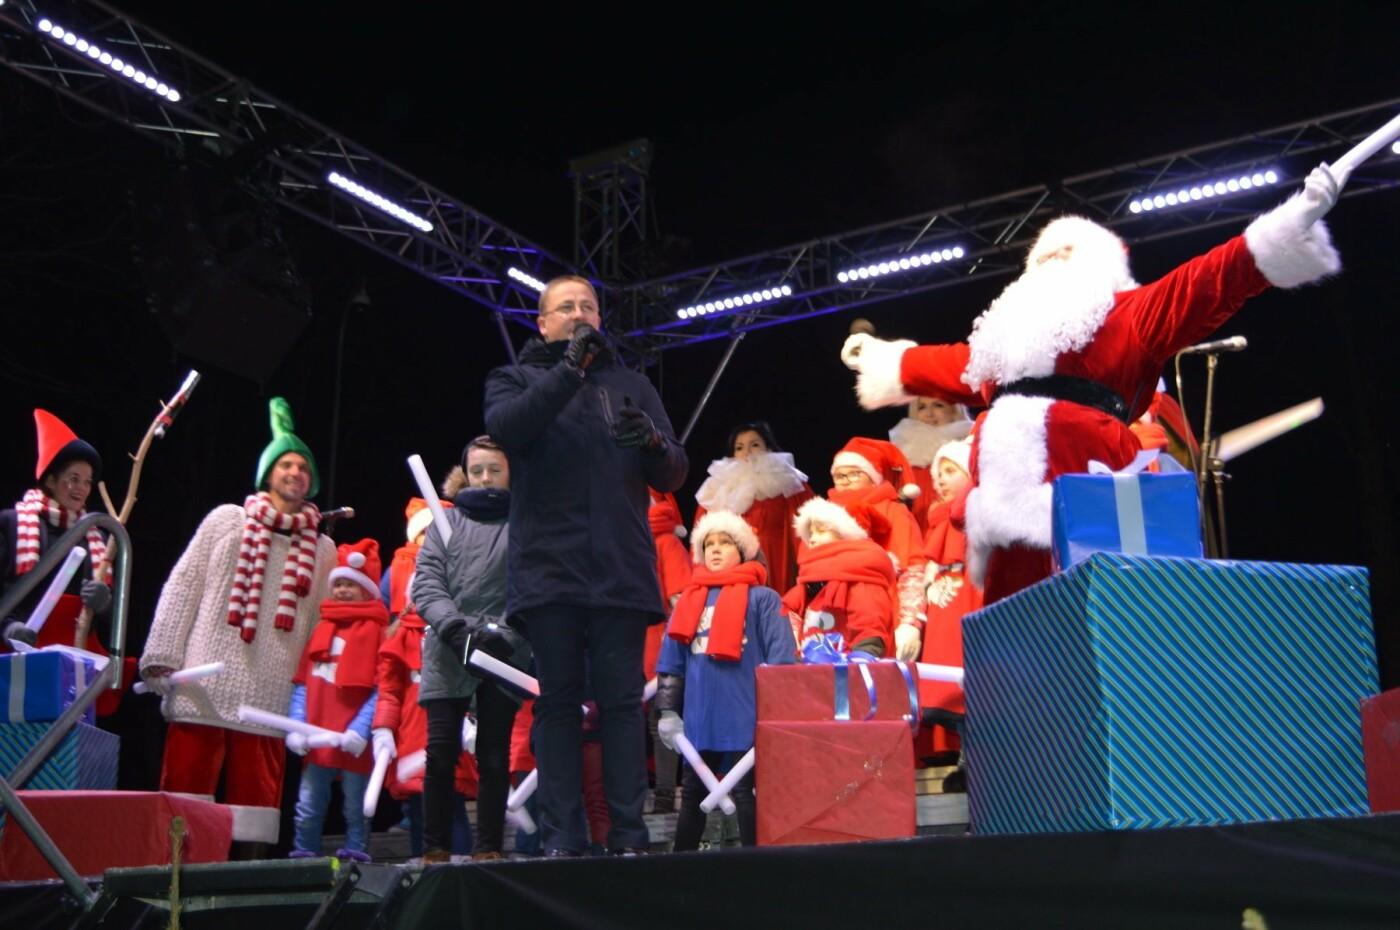 Palanga įžiebė eglę ir suspindo tūkstančiais kalėdinių šviesų, nuotrauka-73